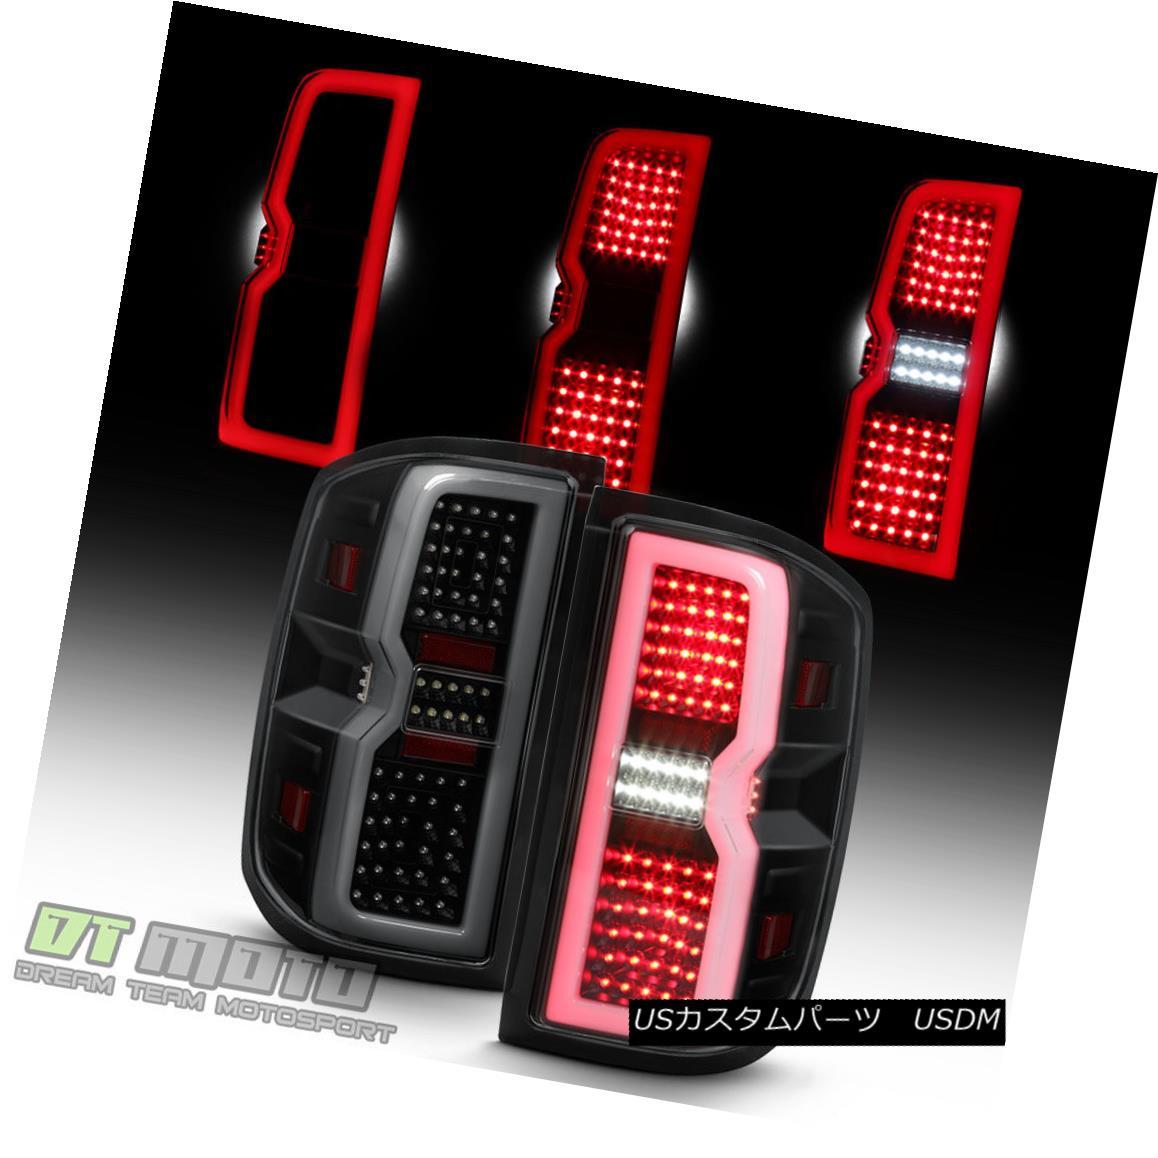 テールライト Blk Smoke [3D Sequential Signal] 2014-2017 Chevy Silverado 1500 LED Tail Lights Blk Smoke [3D Sequential Signal] 2014-2017 Chevy Silverado 1500 LEDテールライト